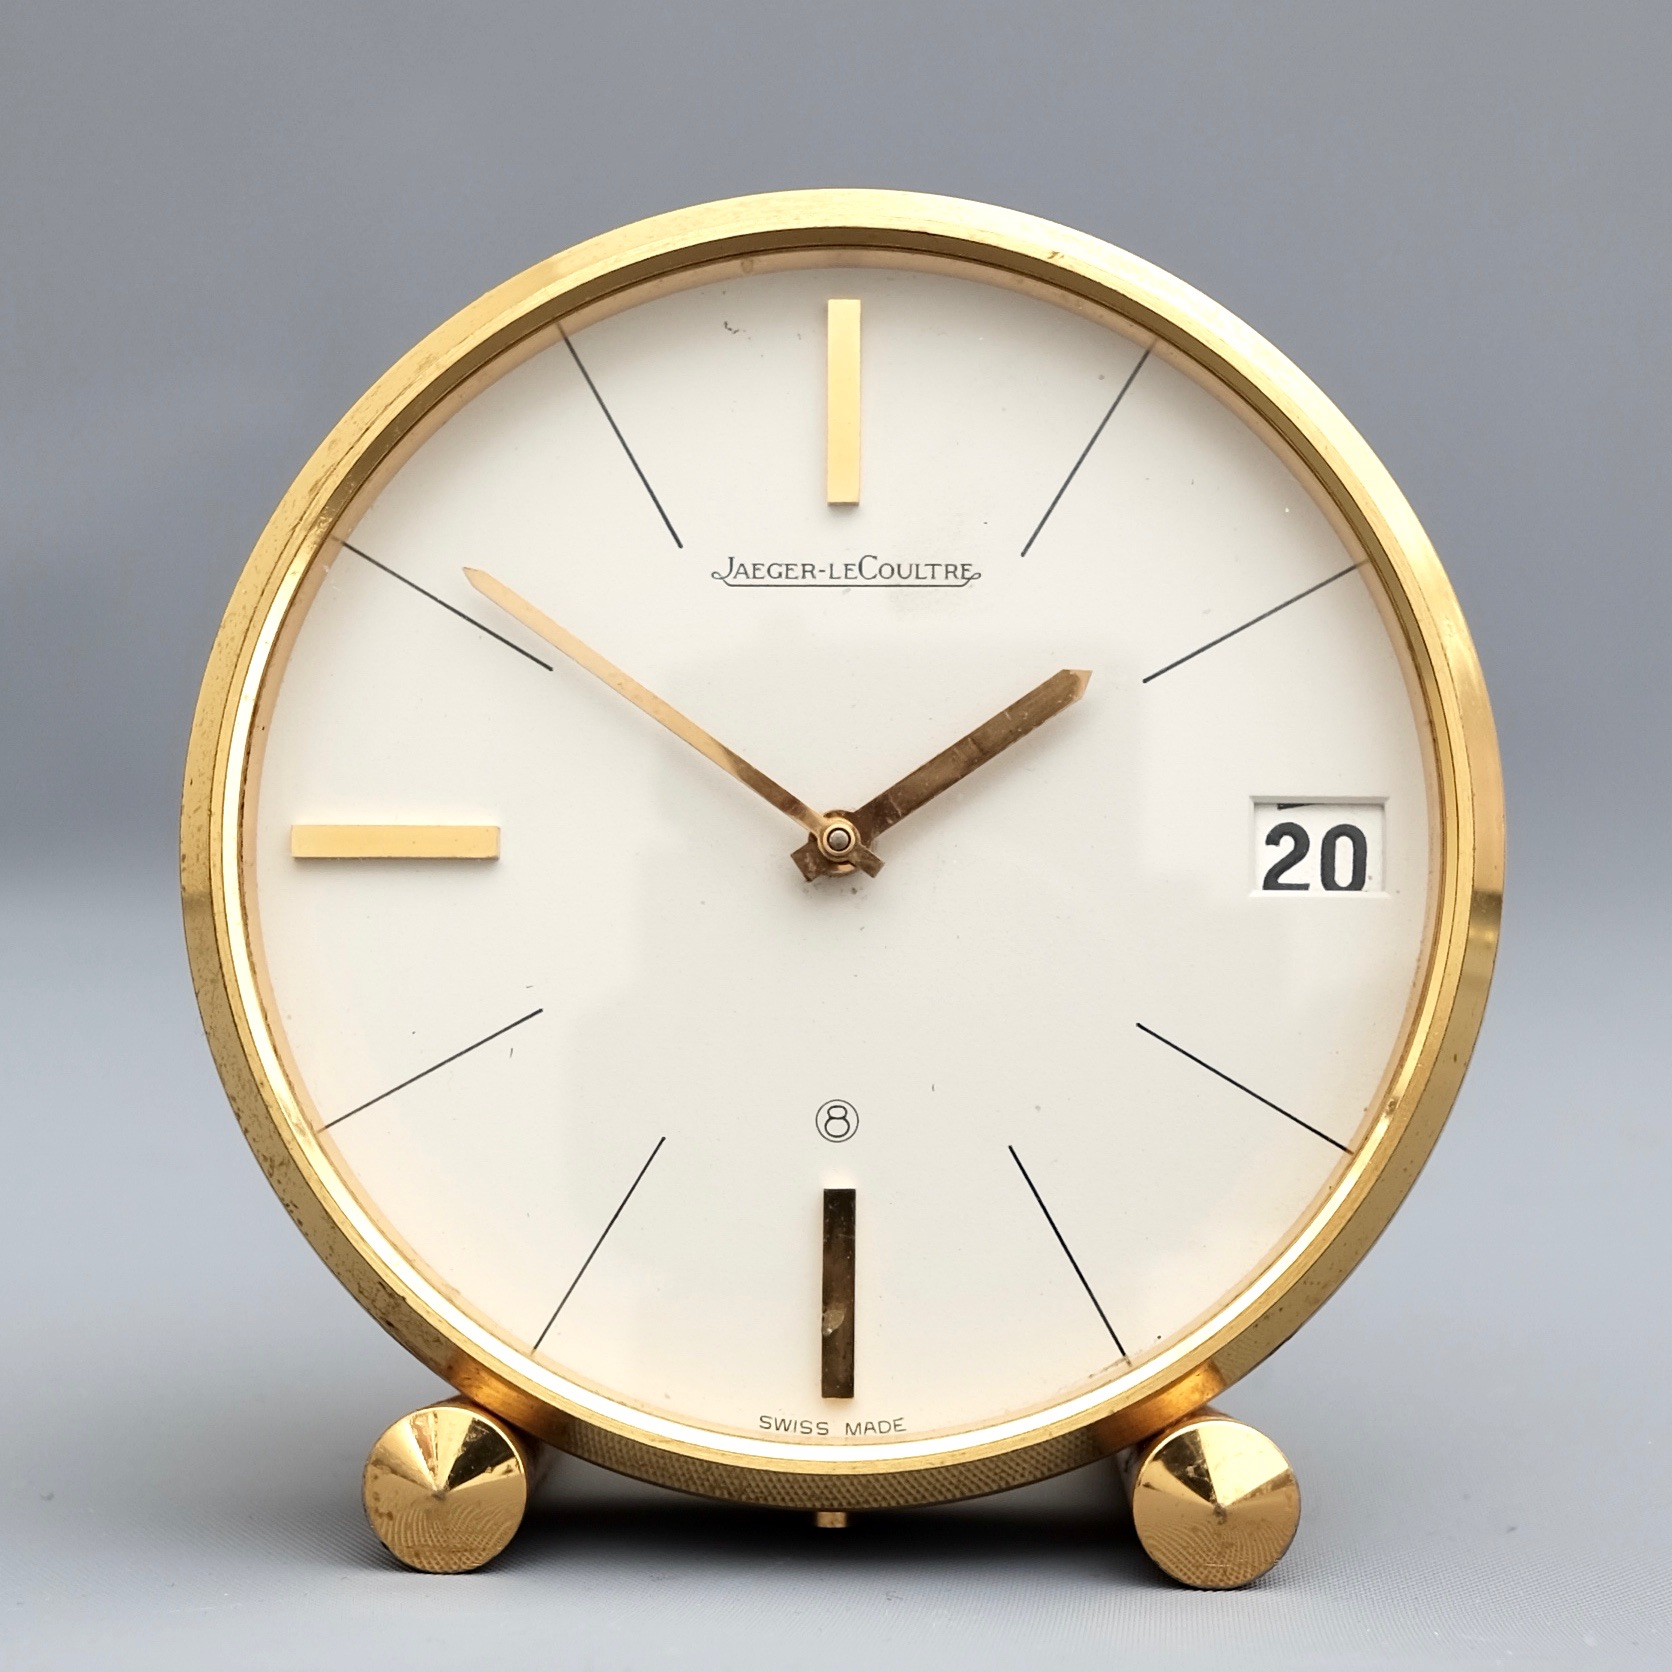 Jaeger Le Coultre desk clock